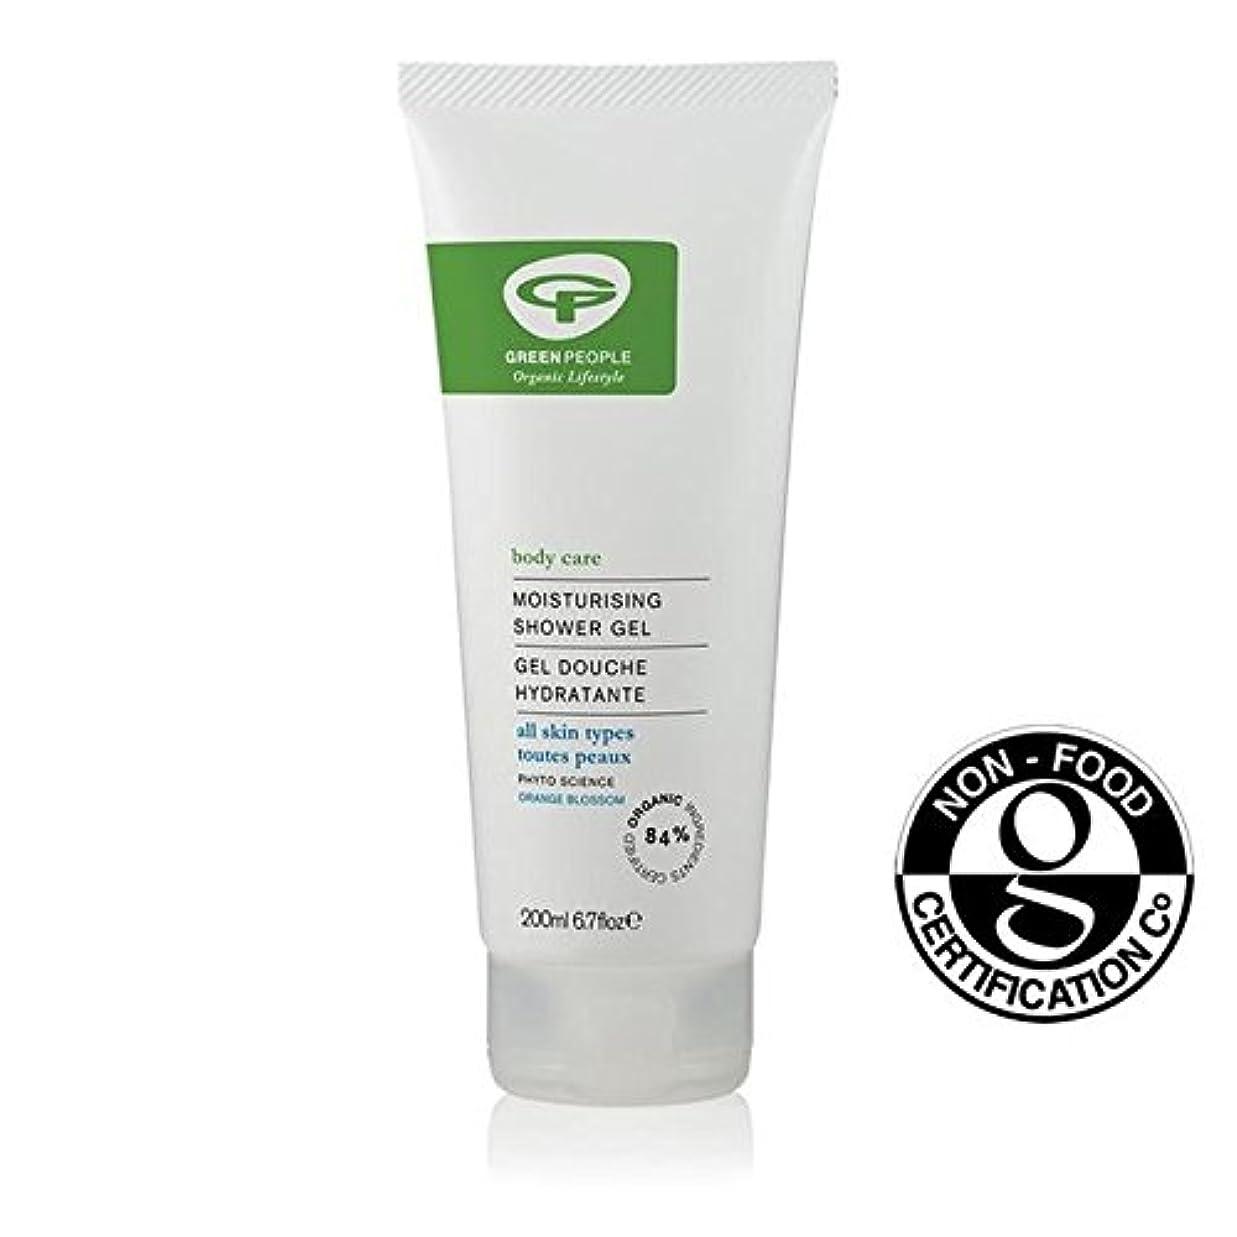 不道徳恐ろしいもちろん緑の人々の有機保湿シャワージェル200 x4 - Green People Organic Moisturising Shower Gel 200ml (Pack of 4) [並行輸入品]